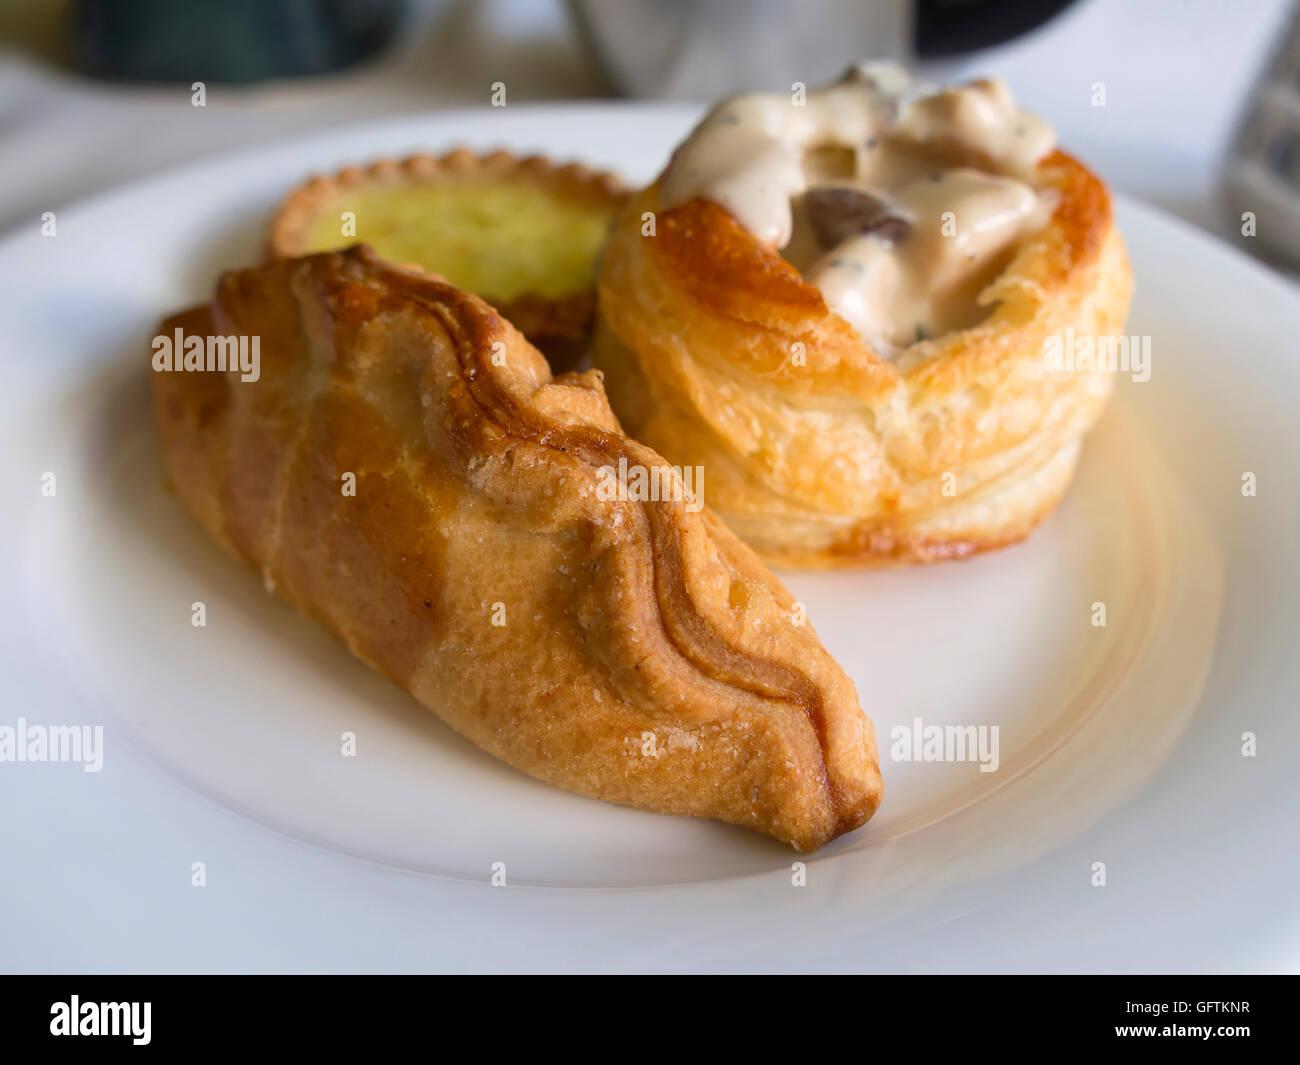 Savoury pastries - Stock Image